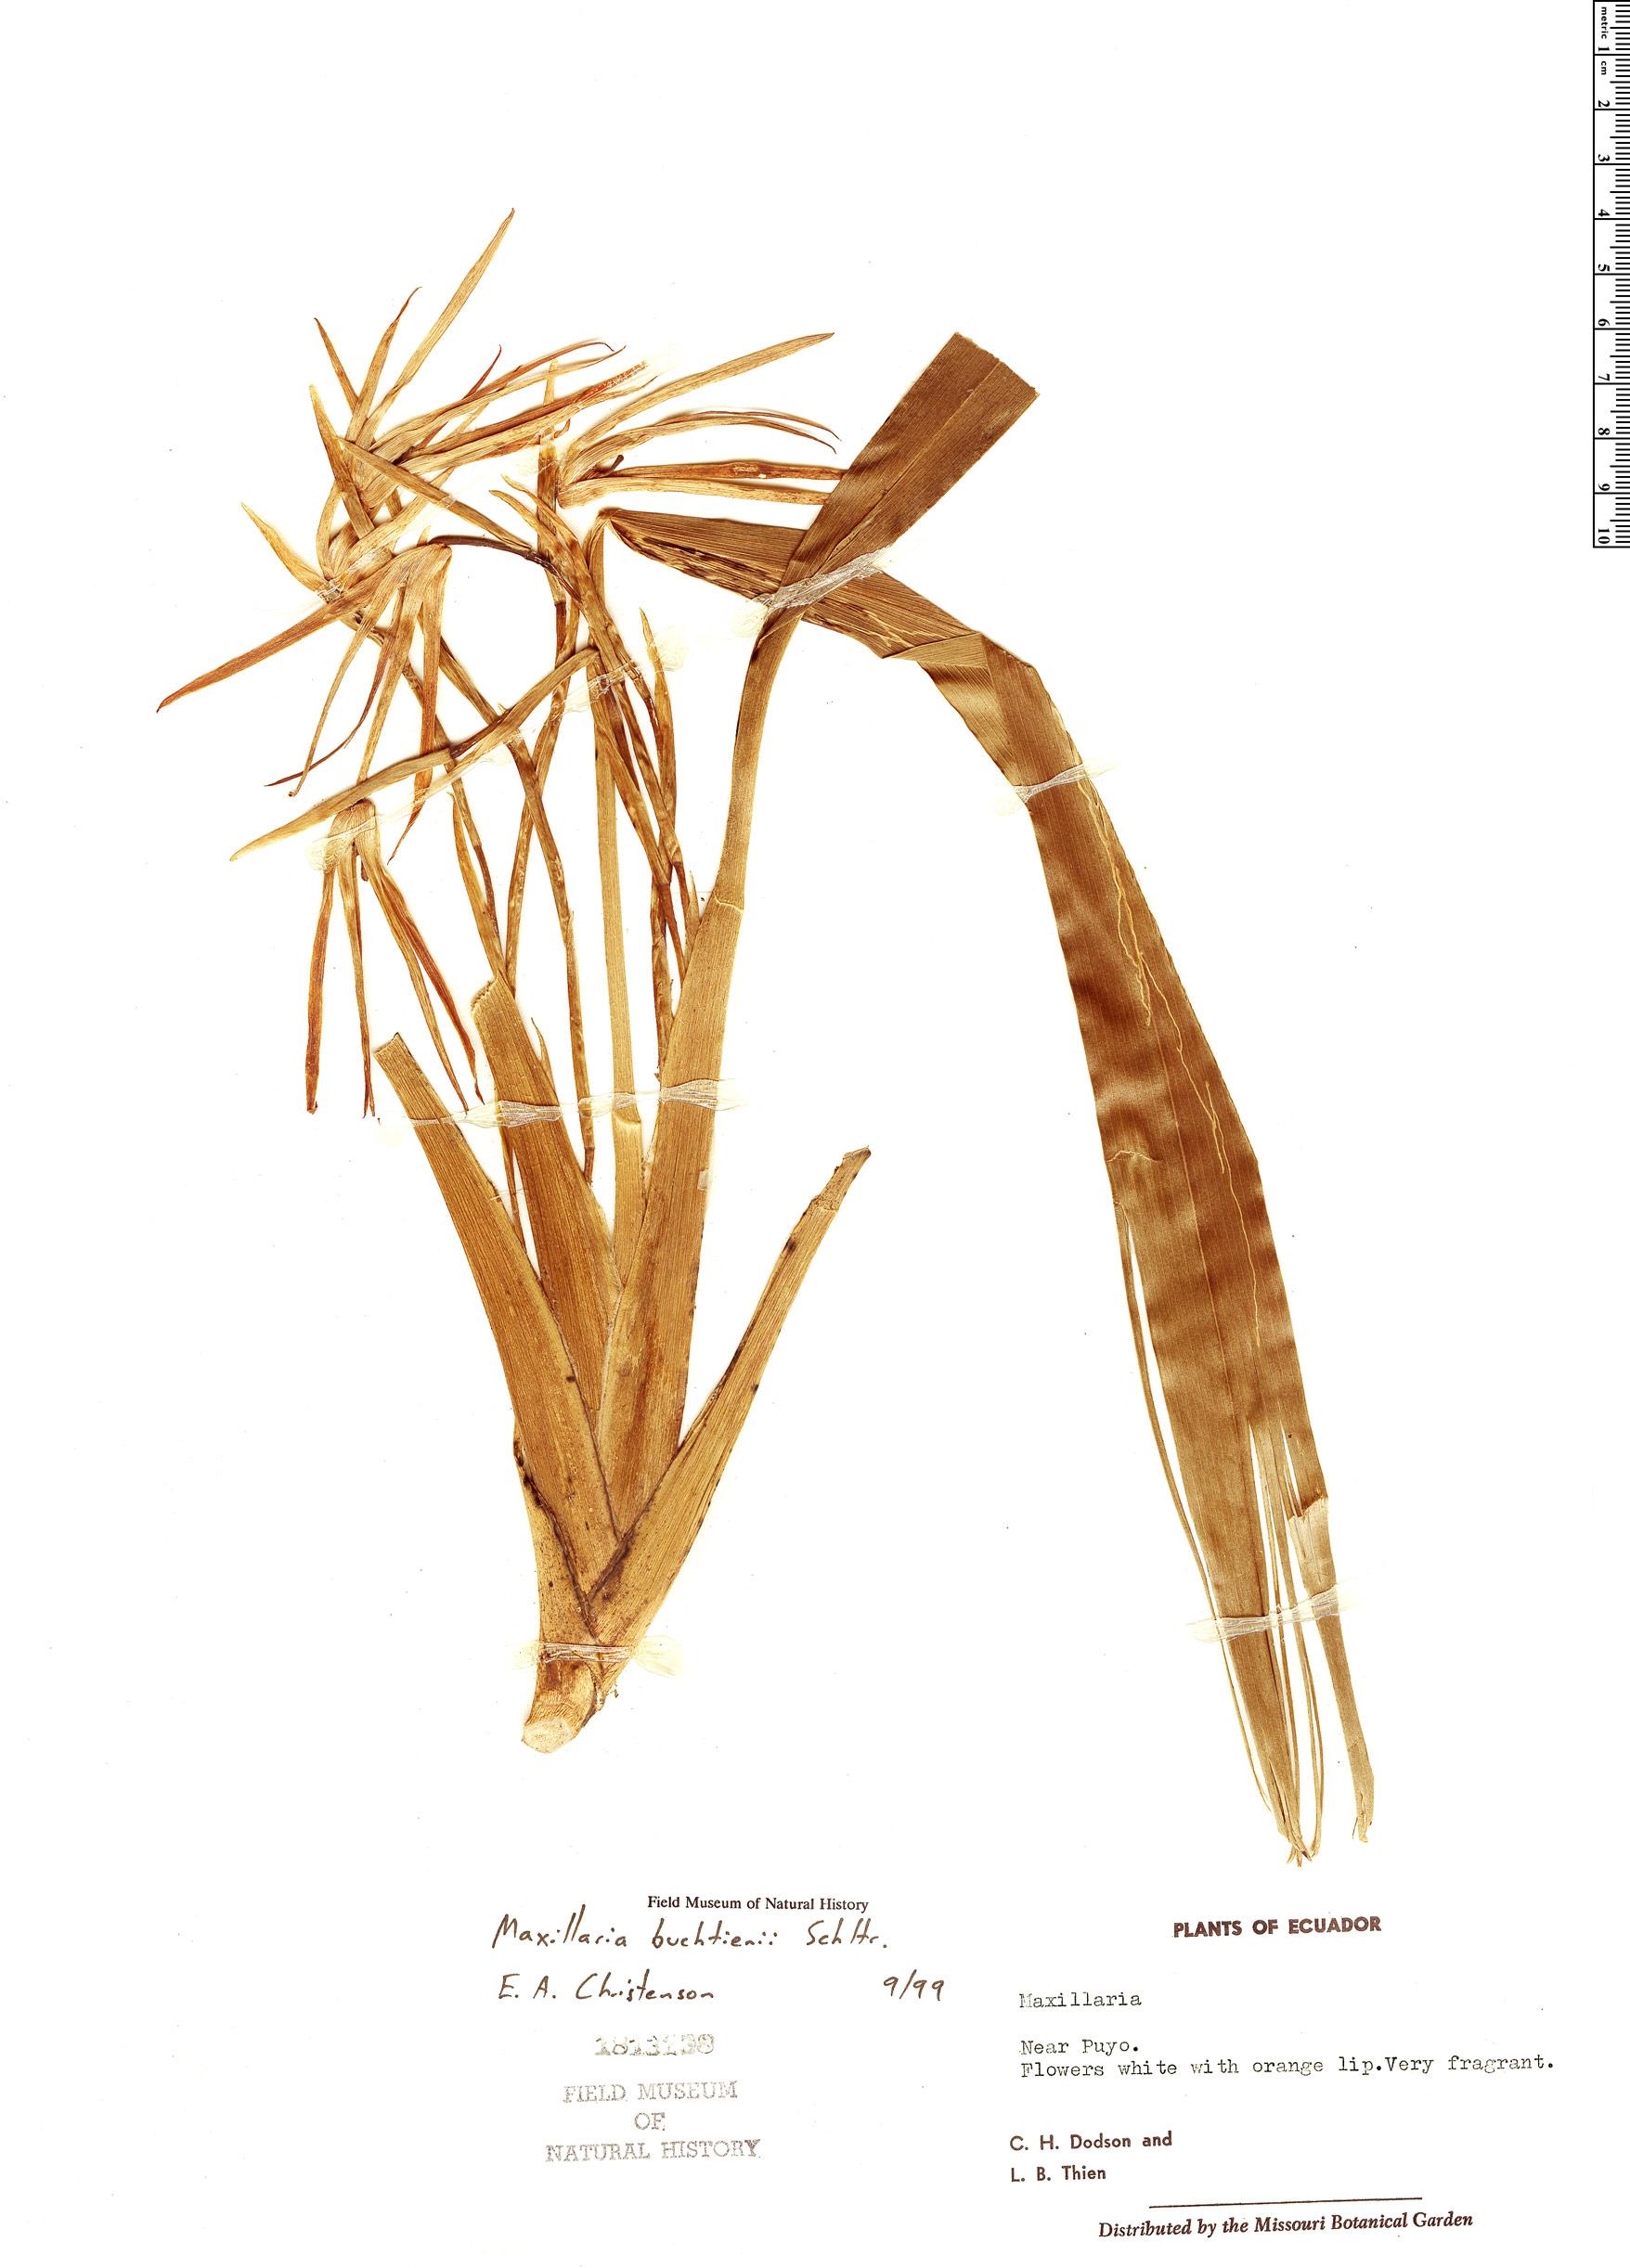 Specimen: Maxillaria buchtienii